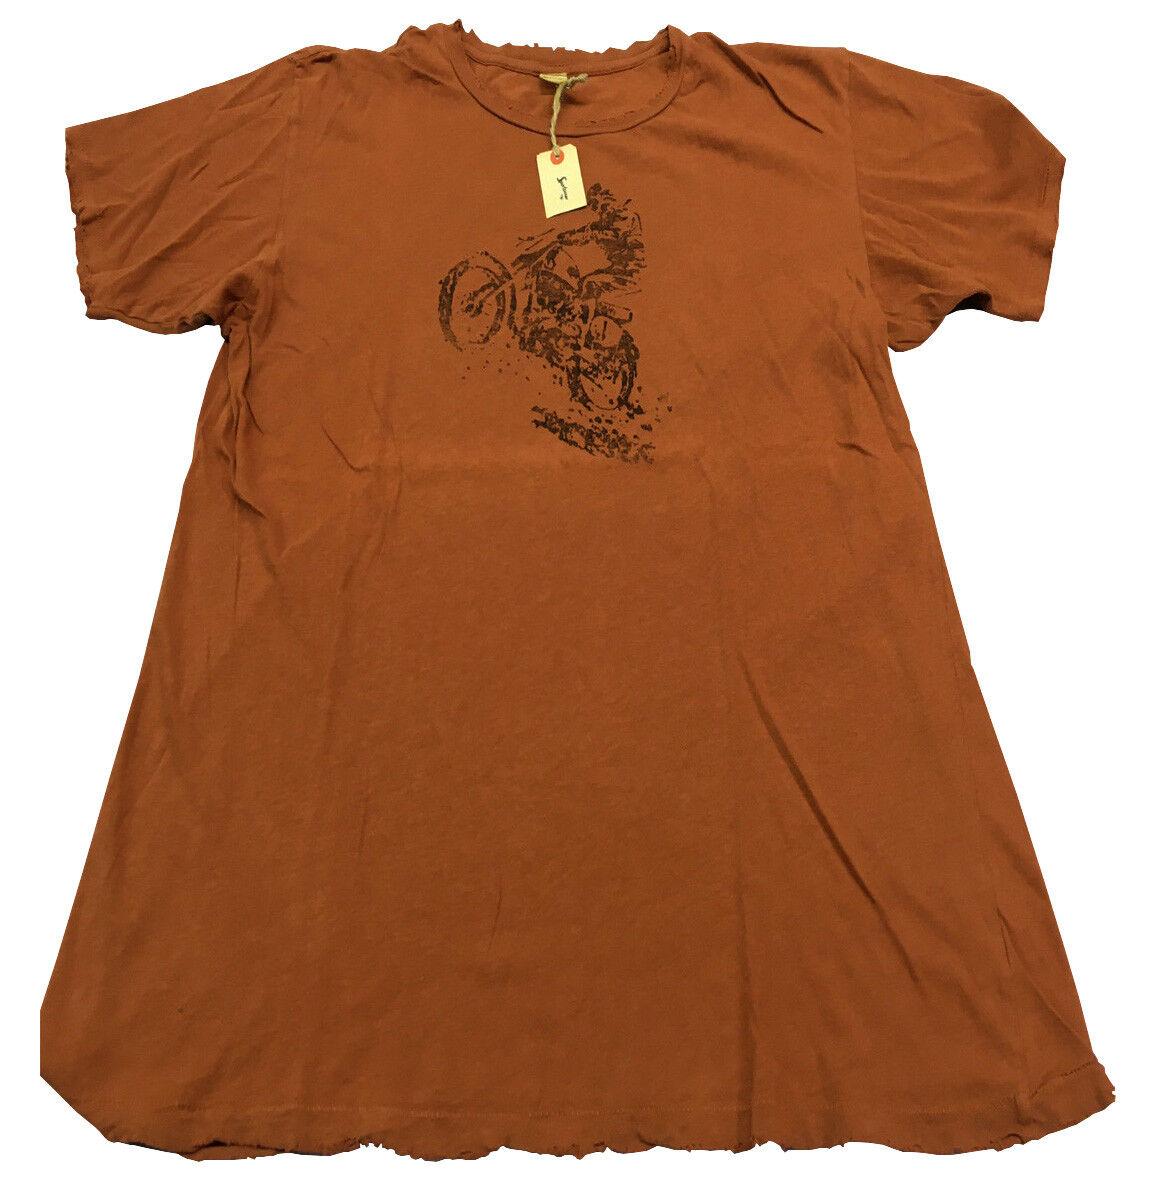 SPORTSWEAR T-Shirt Kurze Ärmel Rost mit tragen Baumwolle hergestellt in den USA